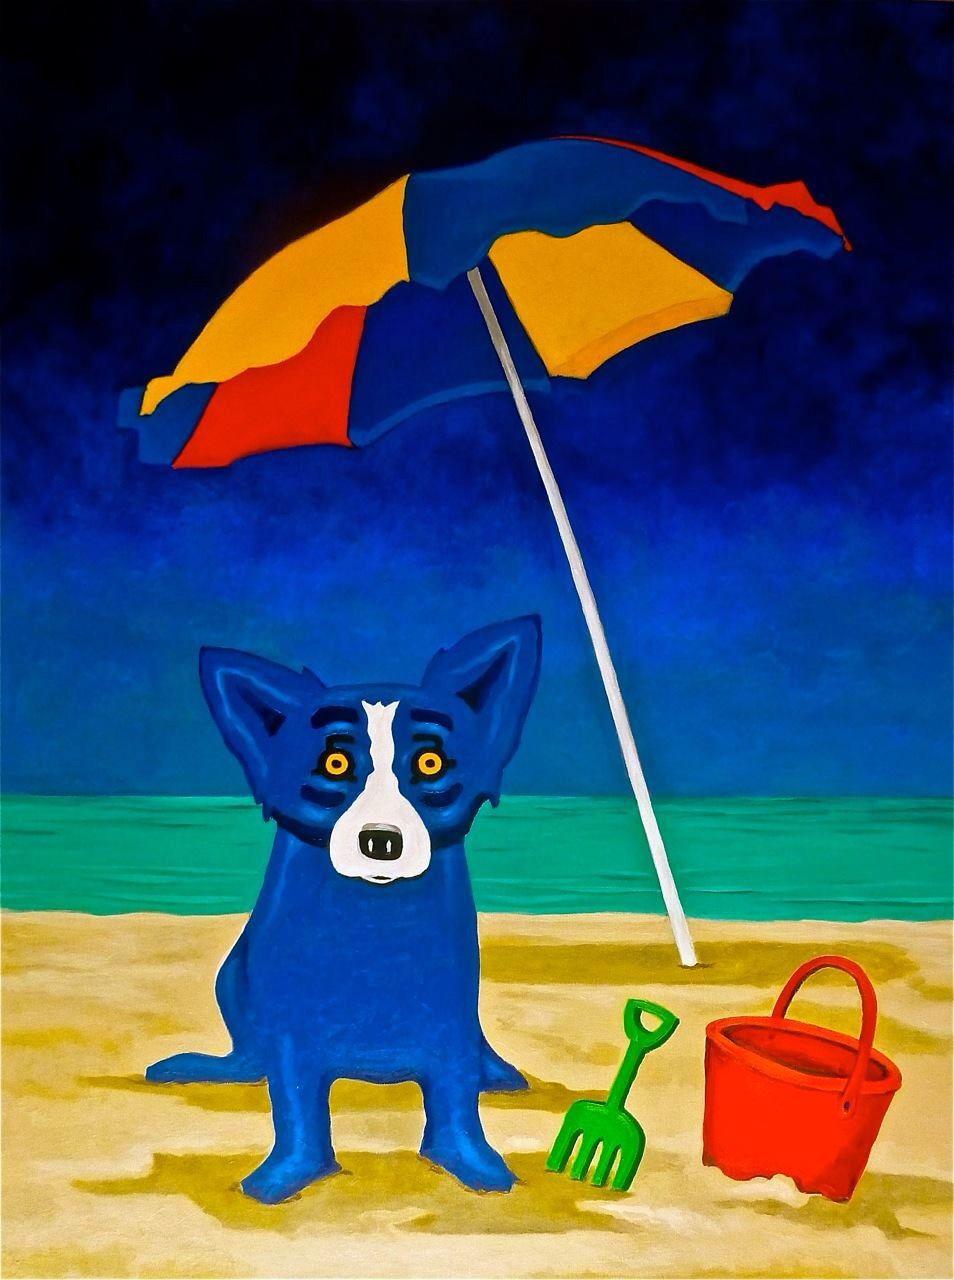 Blue dog beach day blue dog art blue dog painting blue dog